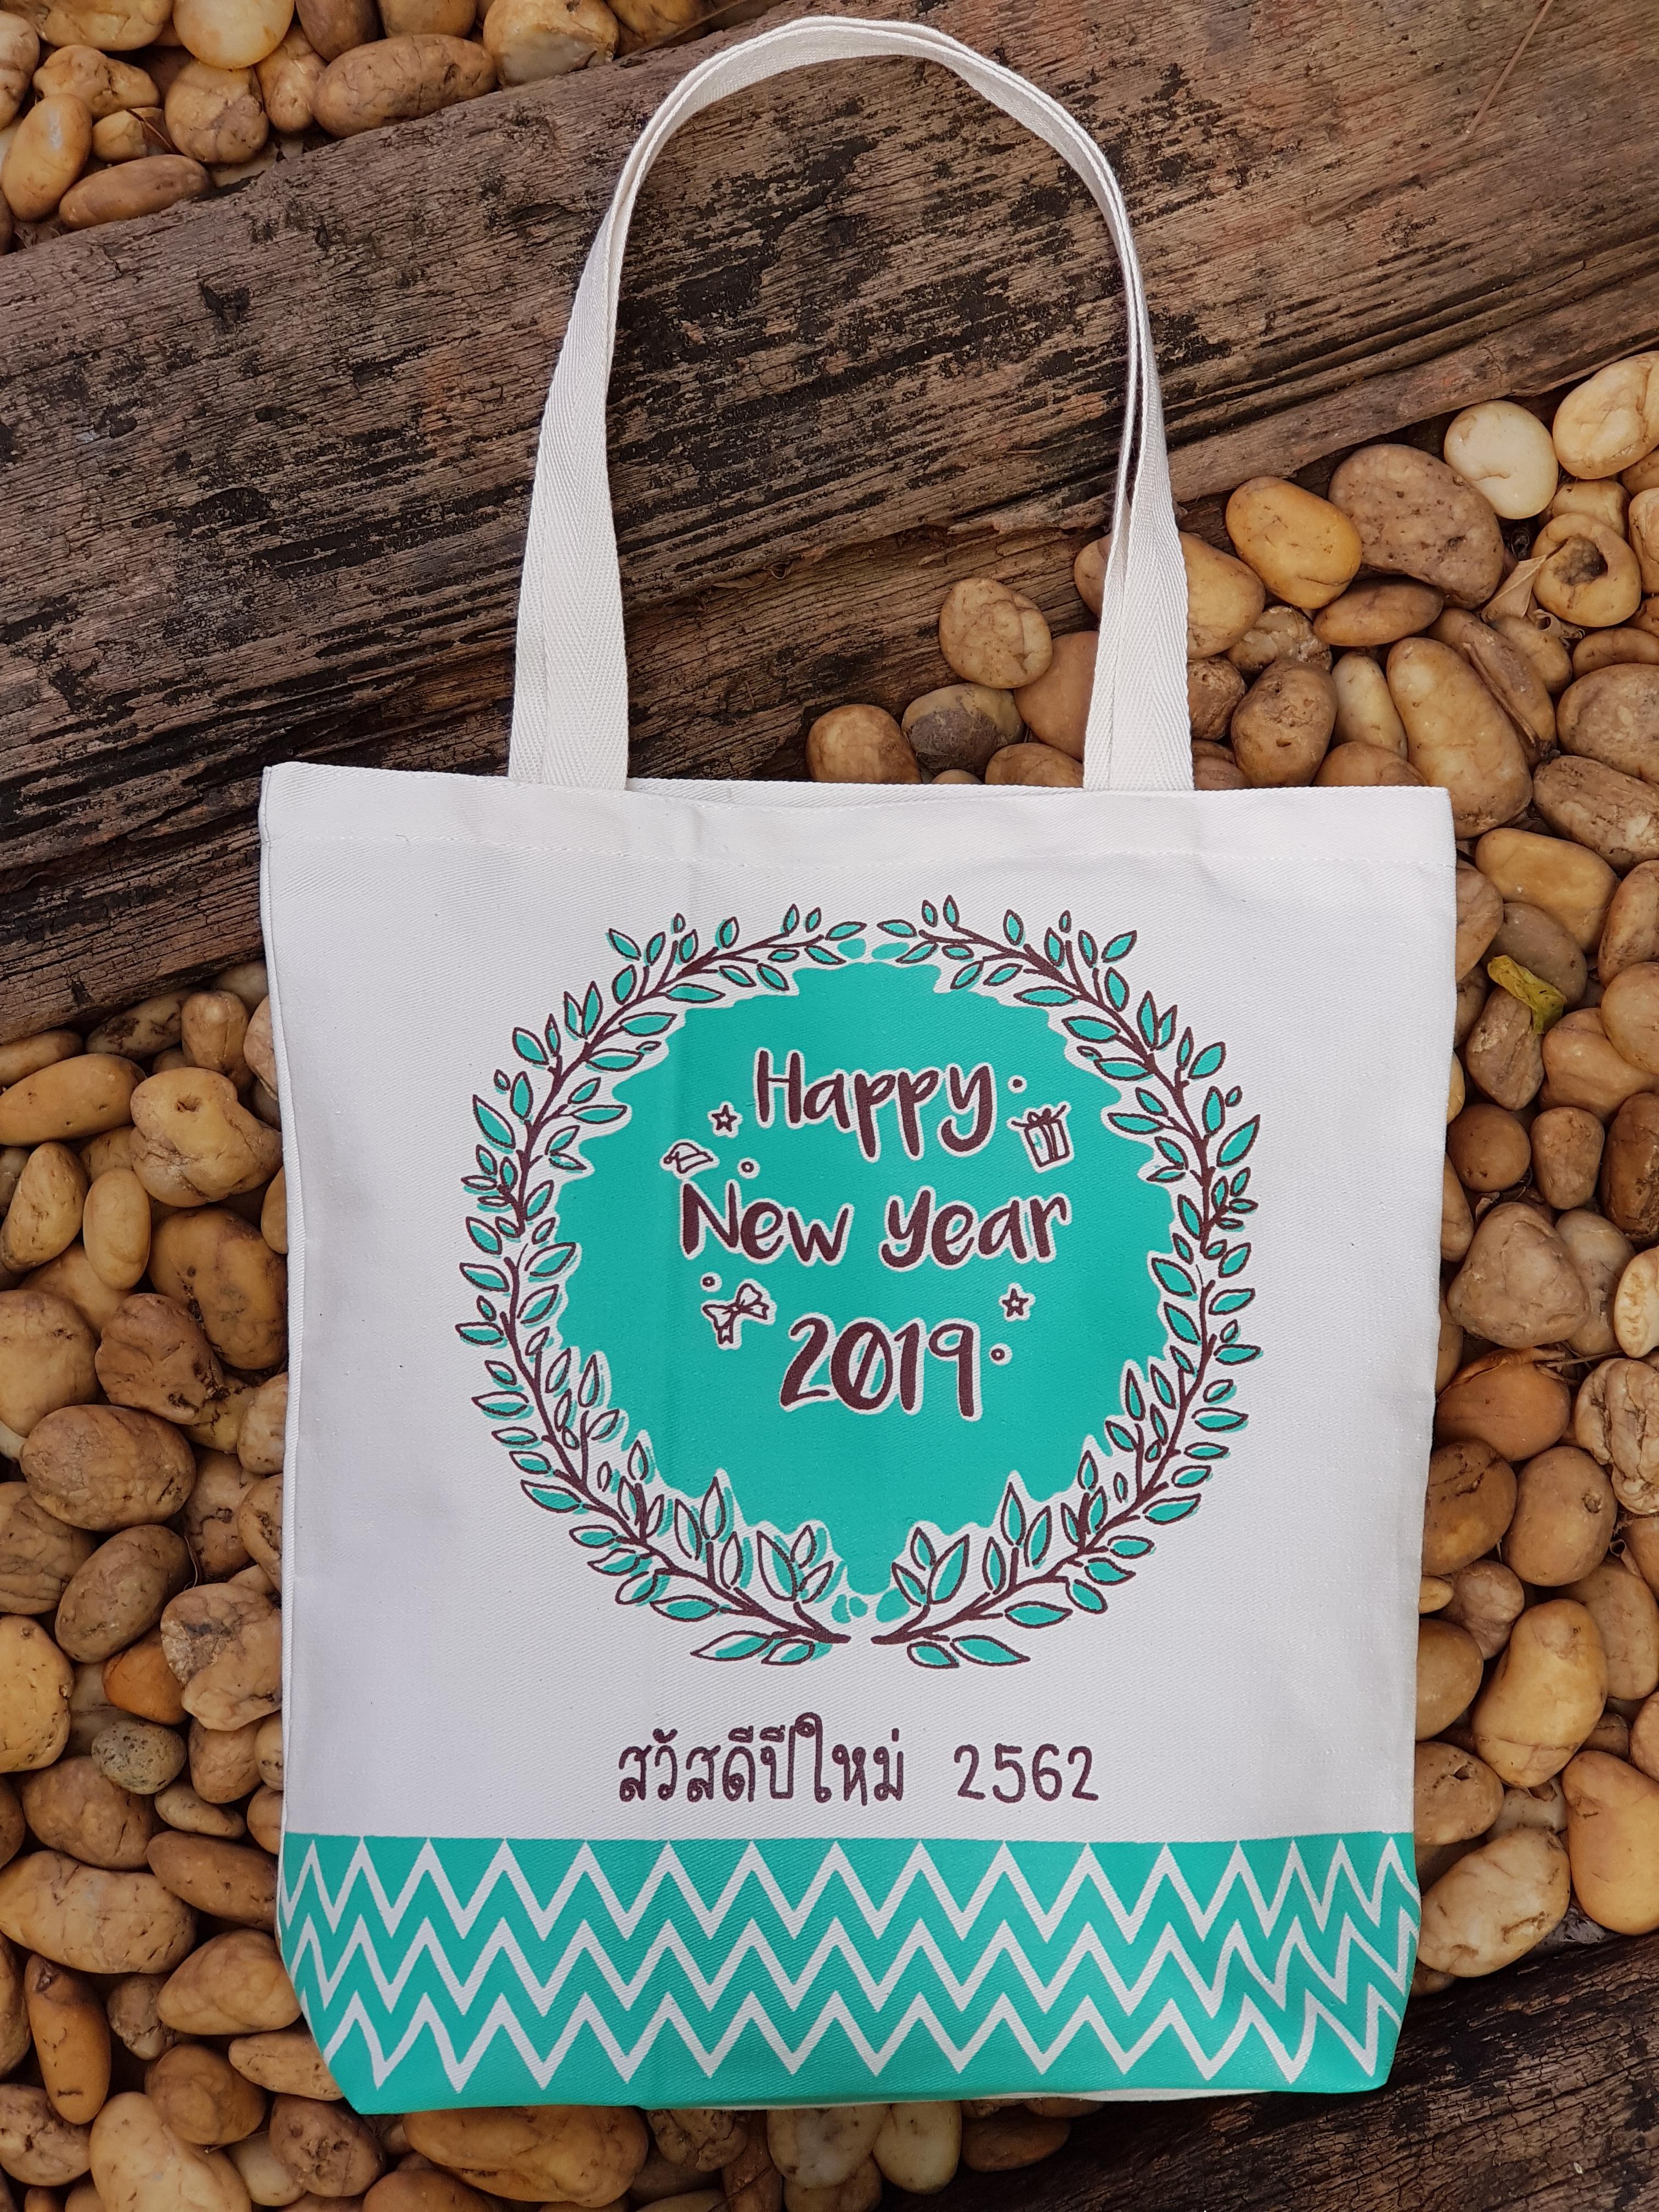 งานพิมพ์, ดิจิตอล, หลากสี, ดีไซน์, สกรีน, ถุงผ้าดิบ, กระเป๋าผ้าดิบ, ถุงผ้า, สวัสดีปีใหม่, ปีใหม่, 2562, 2019, happy new year, ลดโลกร้อน, สกรีนลายสำเร็จรูป, ขายส่ง, ลายน่ารัก, จาก baginlove.com